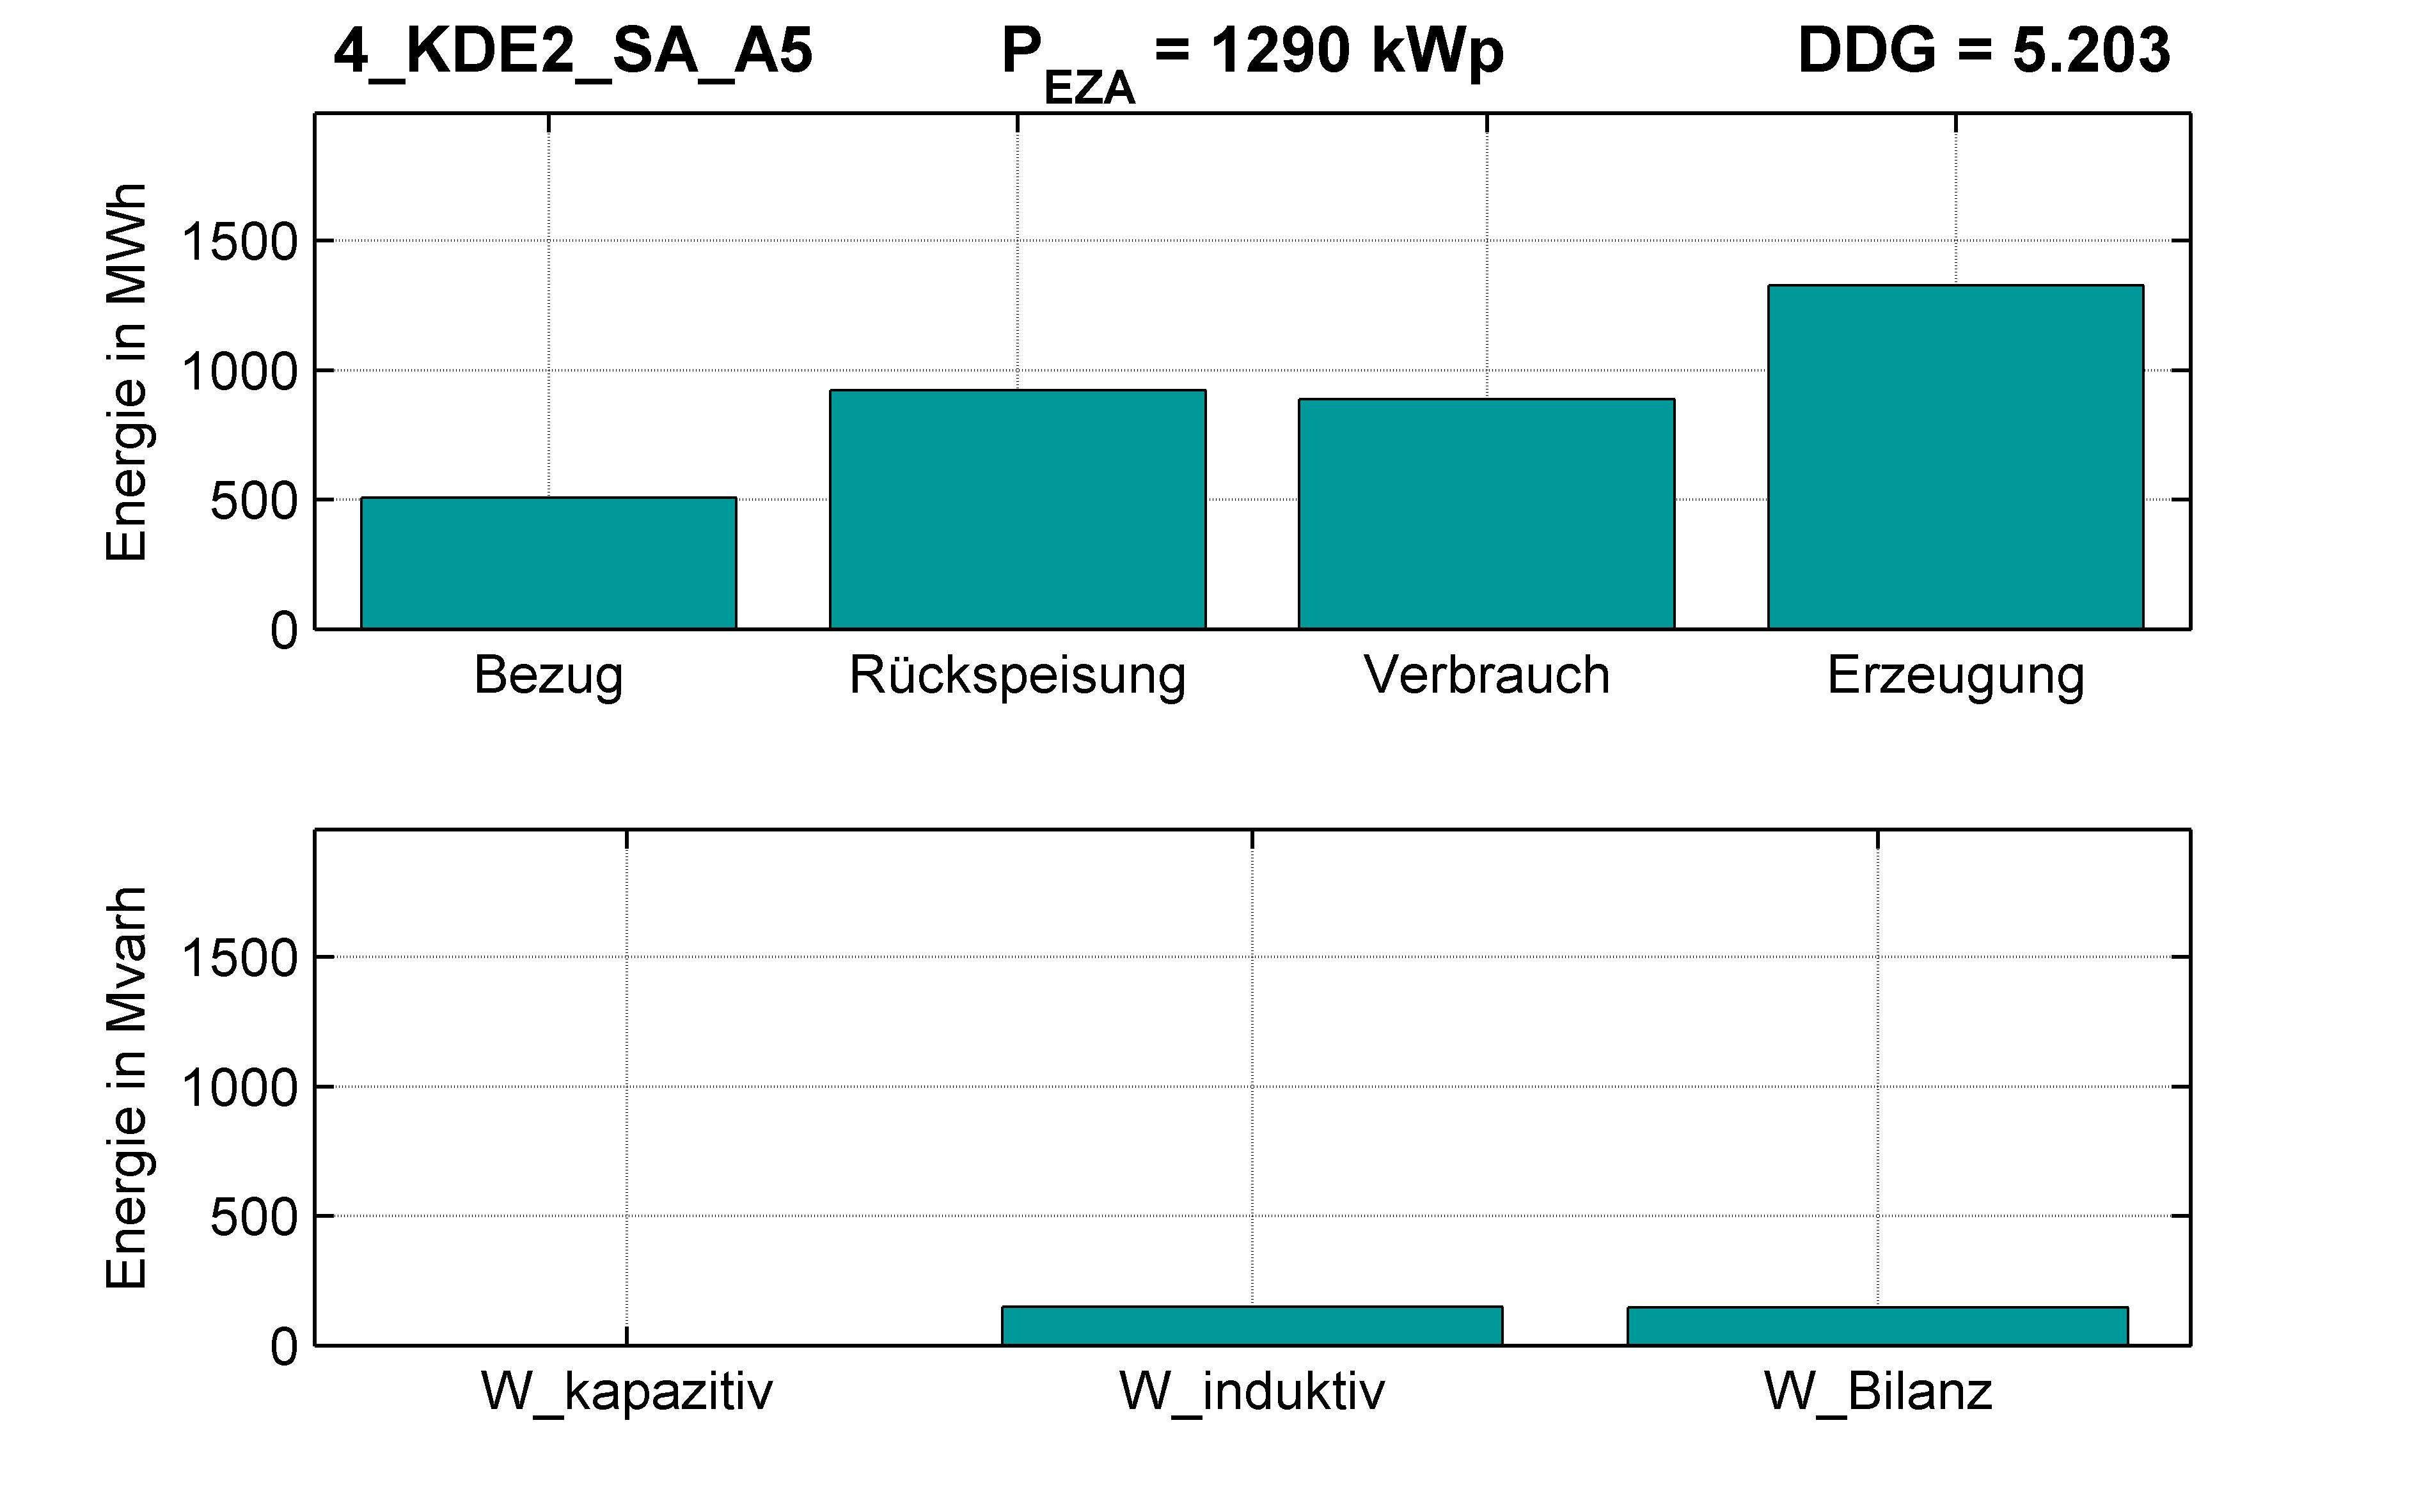 KDE2 | P-Kappung 55% (SA) A5 | PQ-Bilanz